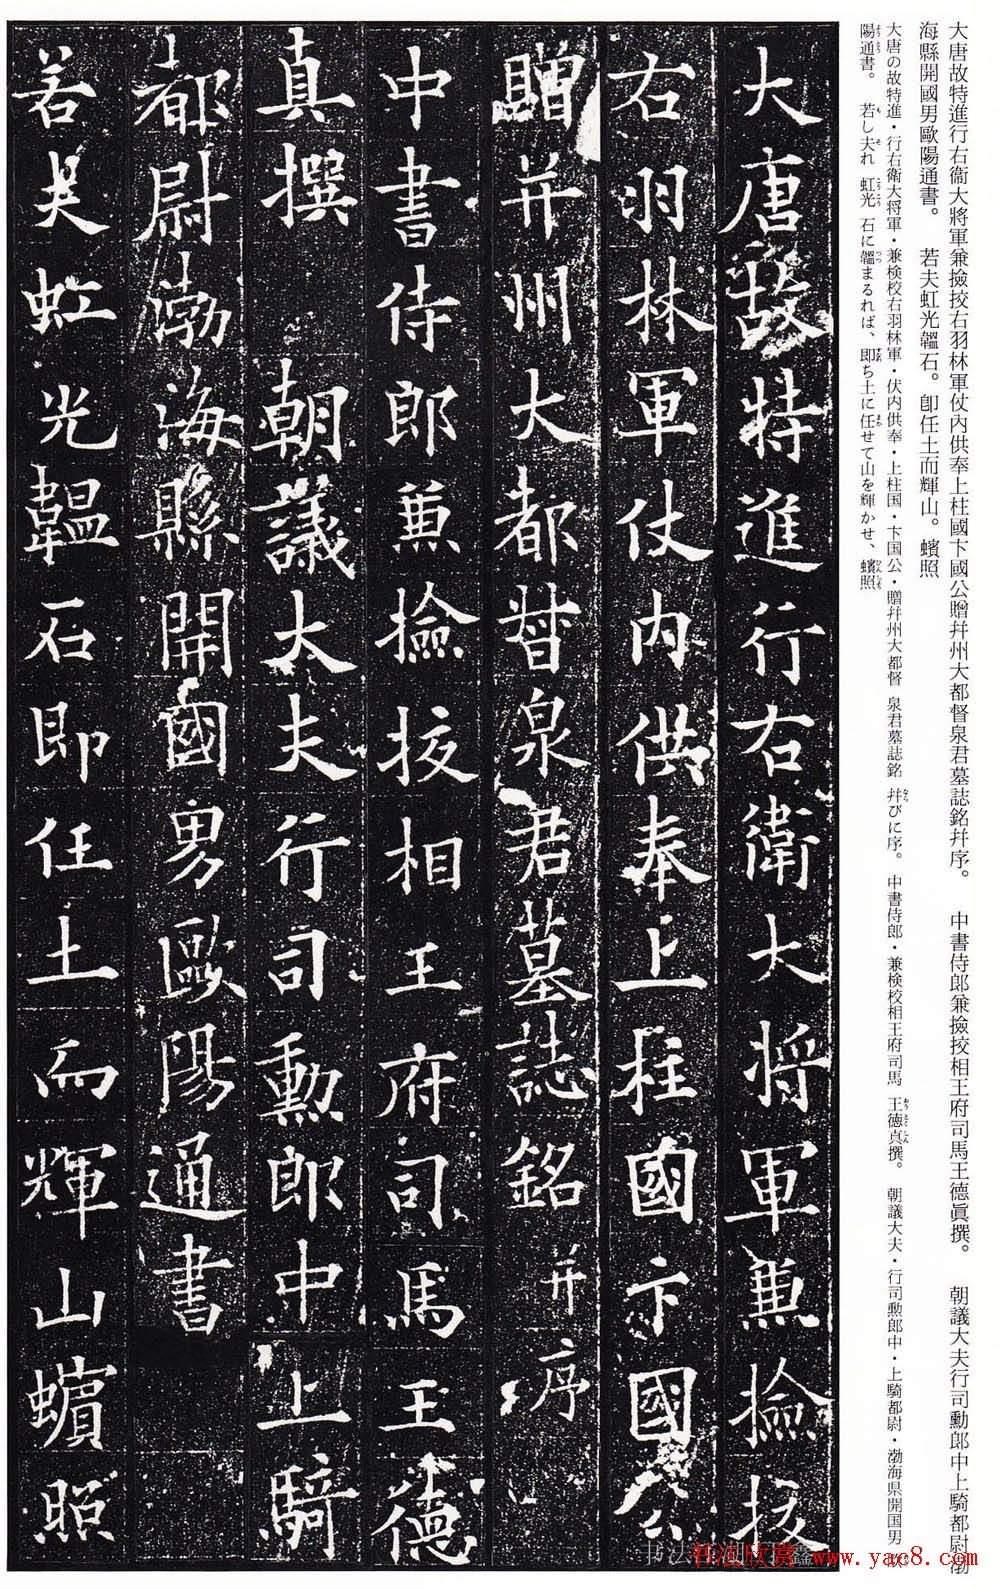 歐陽詢之子歐陽通楷書賞析《泉男生墓誌銘》(共6張圖片)